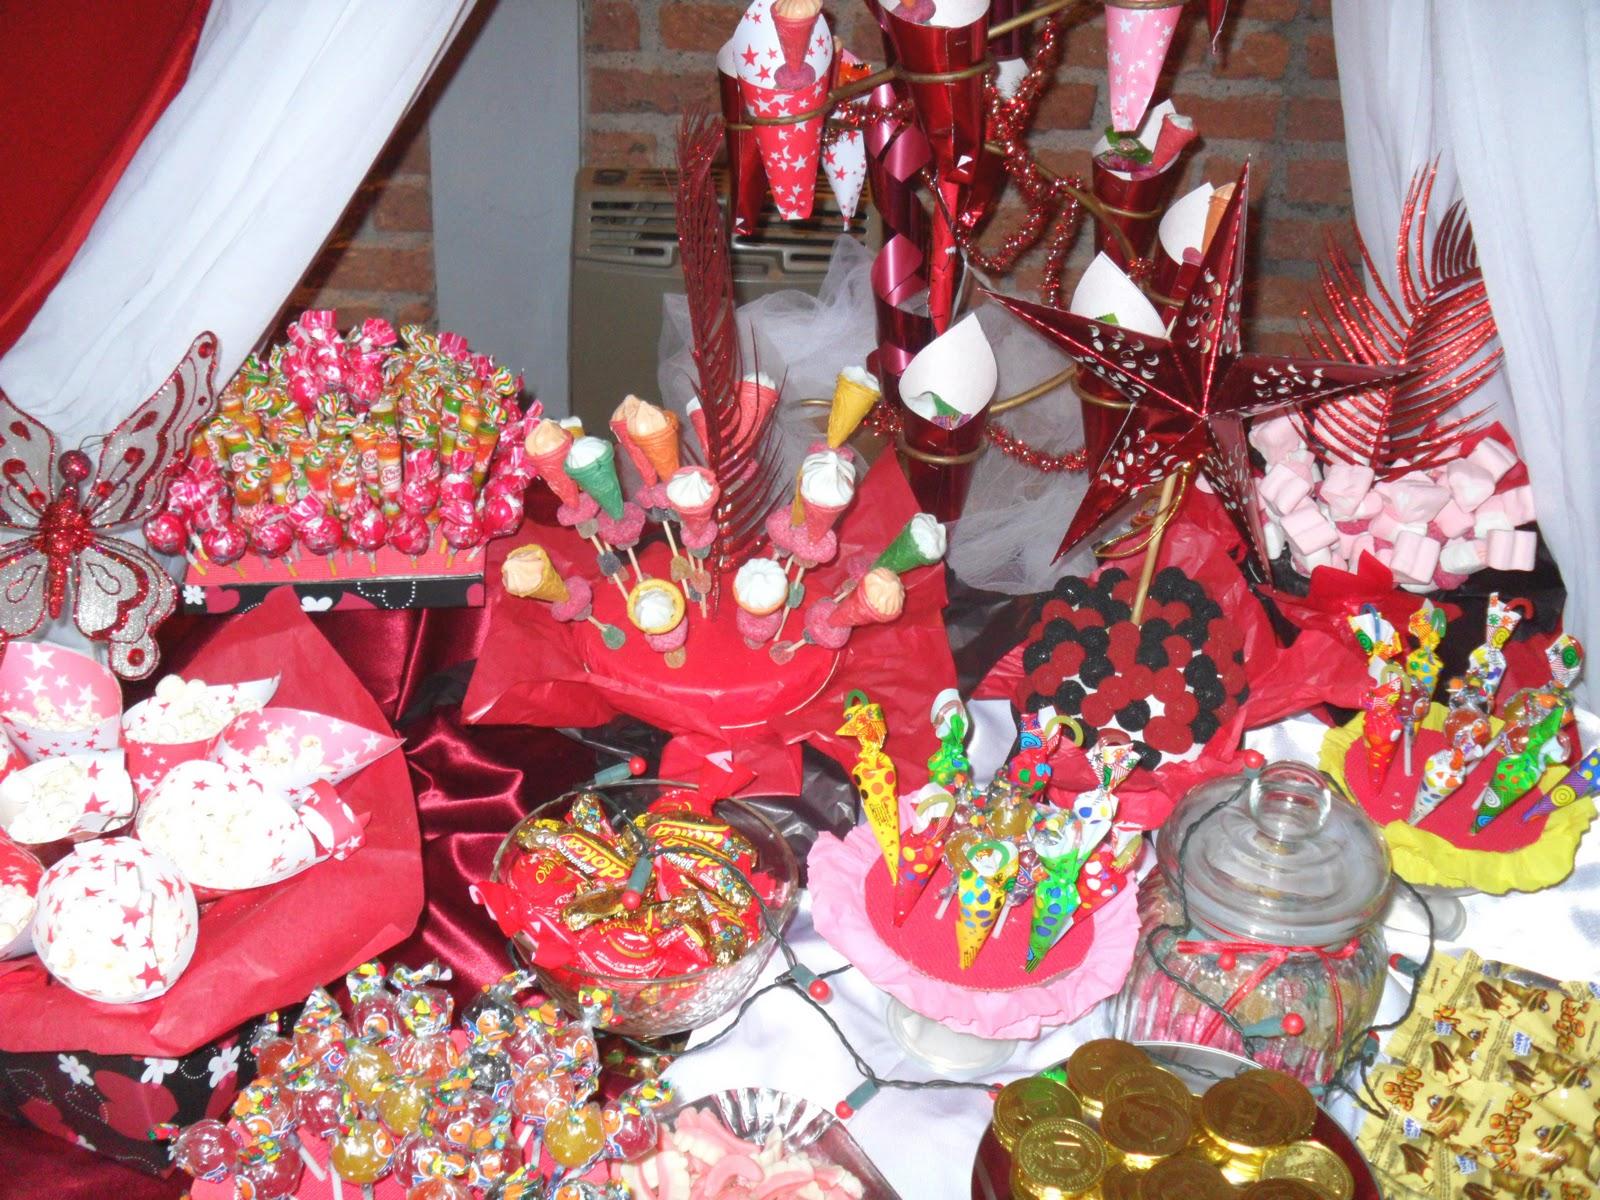 Mario olguin ambientaciones mendoza mesa dulce 15 a os for Mesa de dulces para 15